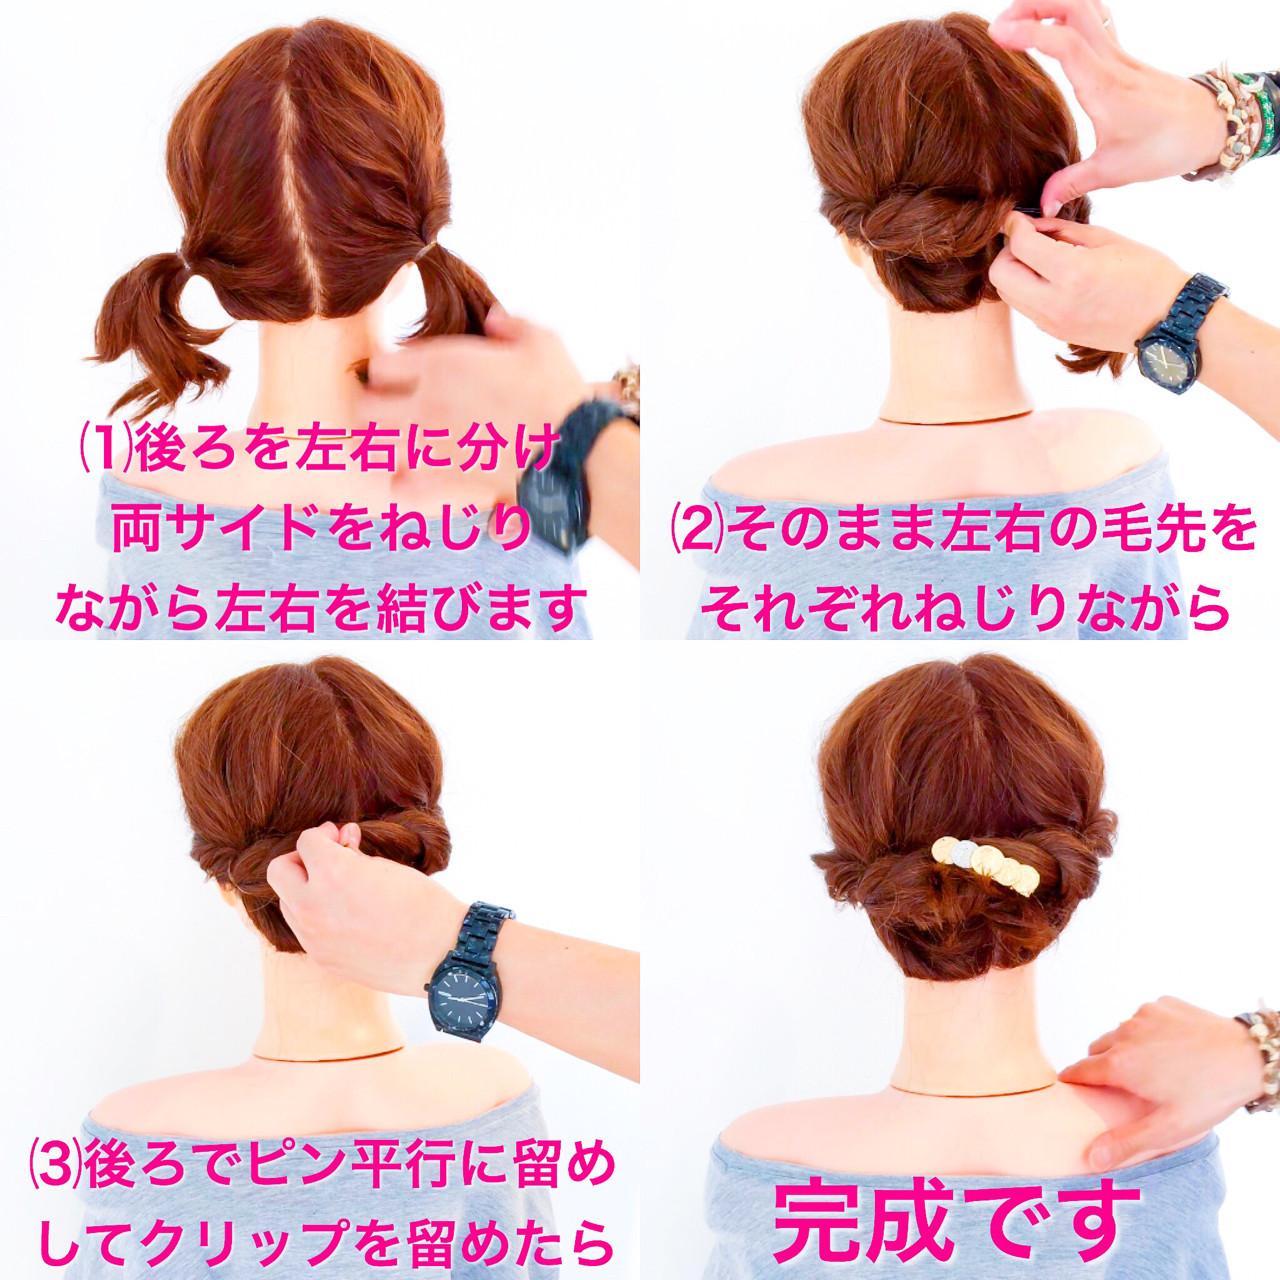 ボブにおすすめ☆ねじりアップヘア 美容師 HIRO